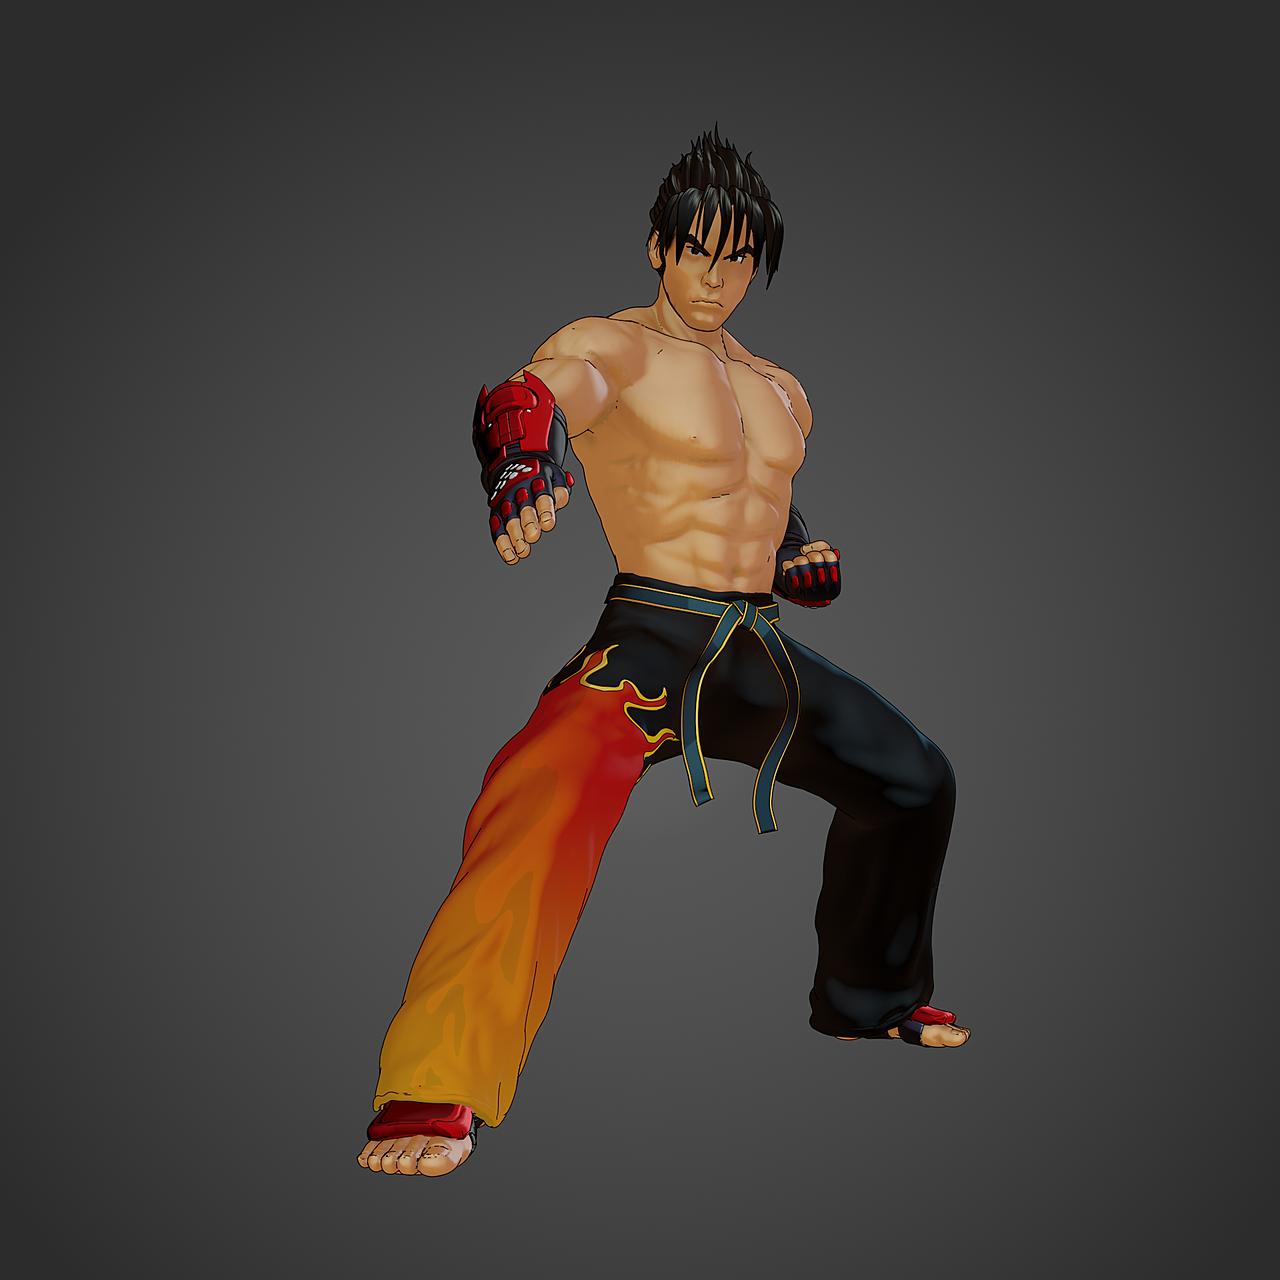 Jin Kazama - Tekken